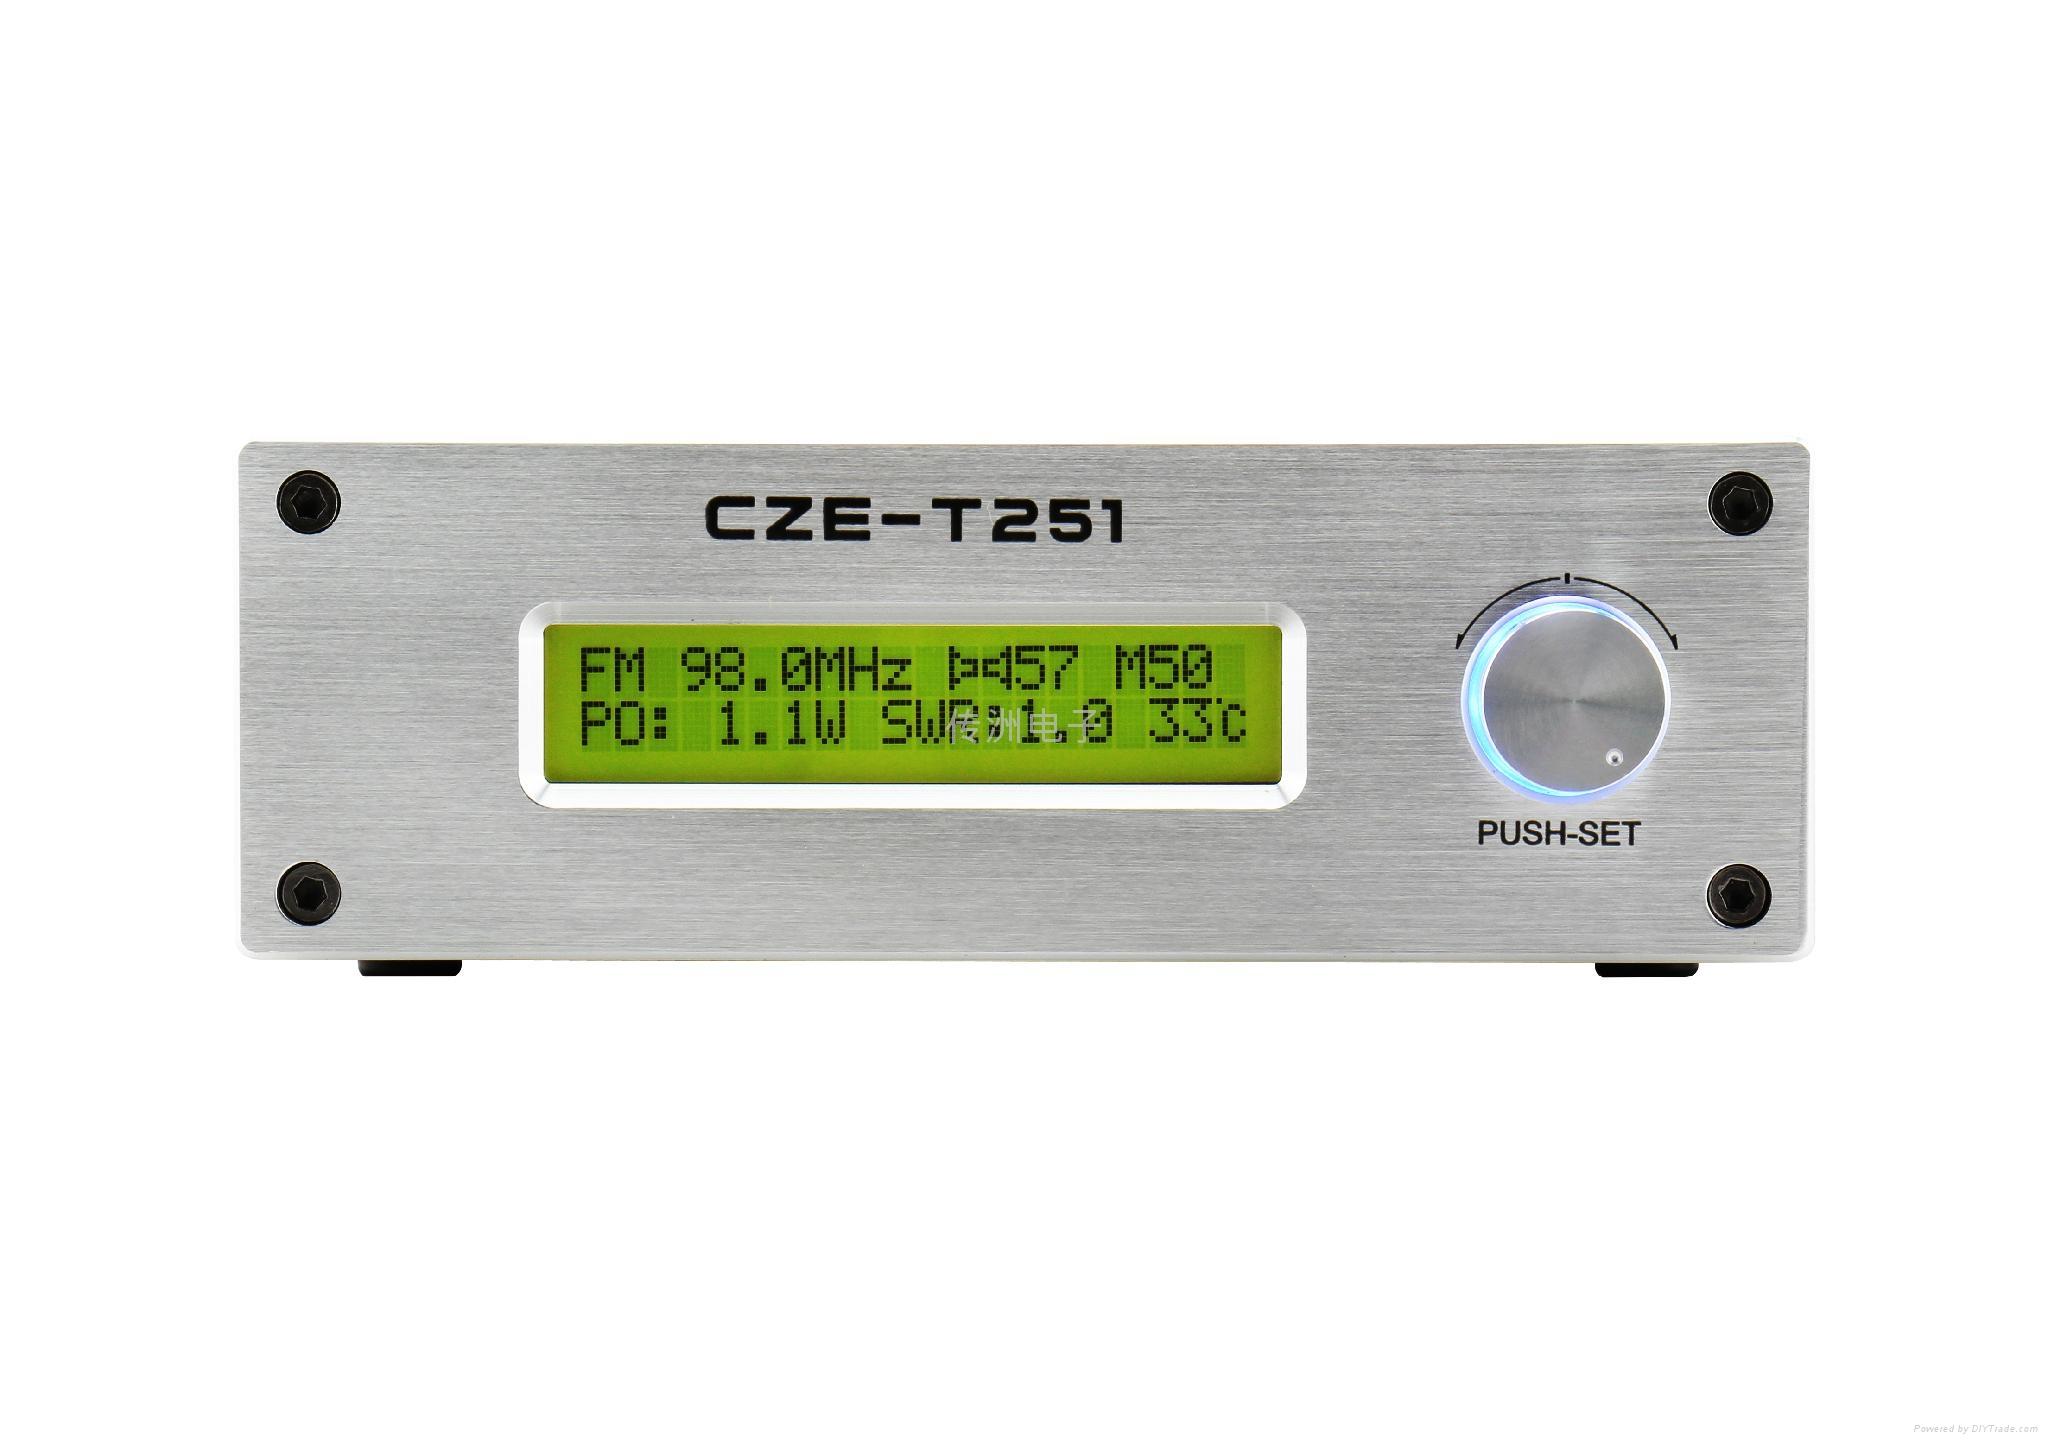 Power  USA 25W FM Stereo Broadcast Transmitter CZE-T251